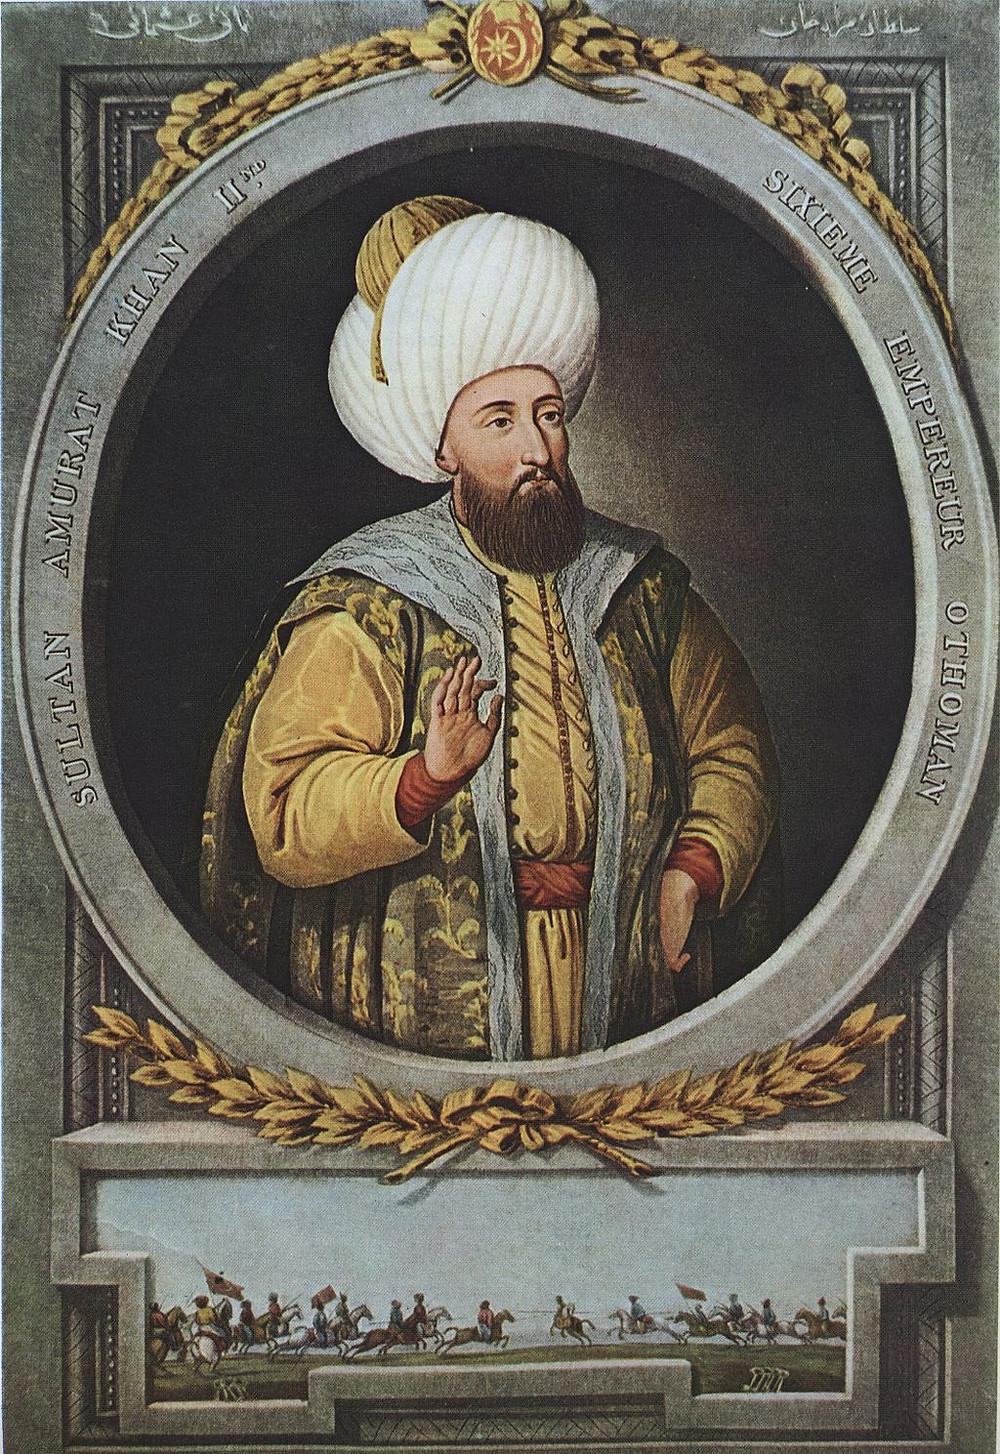 Sultão Murade III do Império Otomano, 1800.